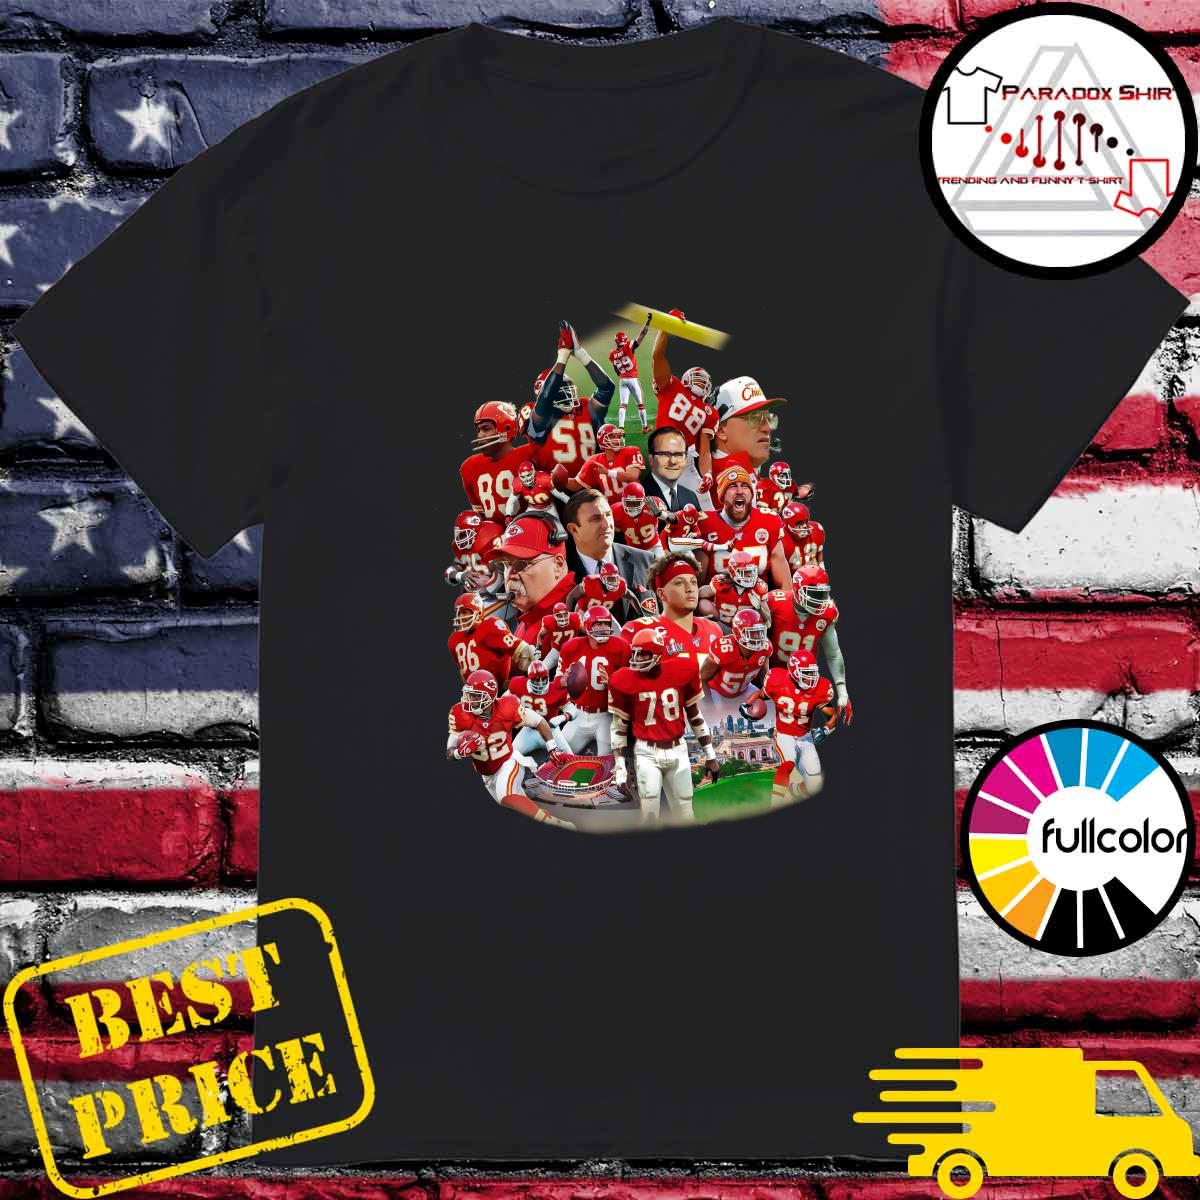 Kansas City Chiefs Football Team Shirt